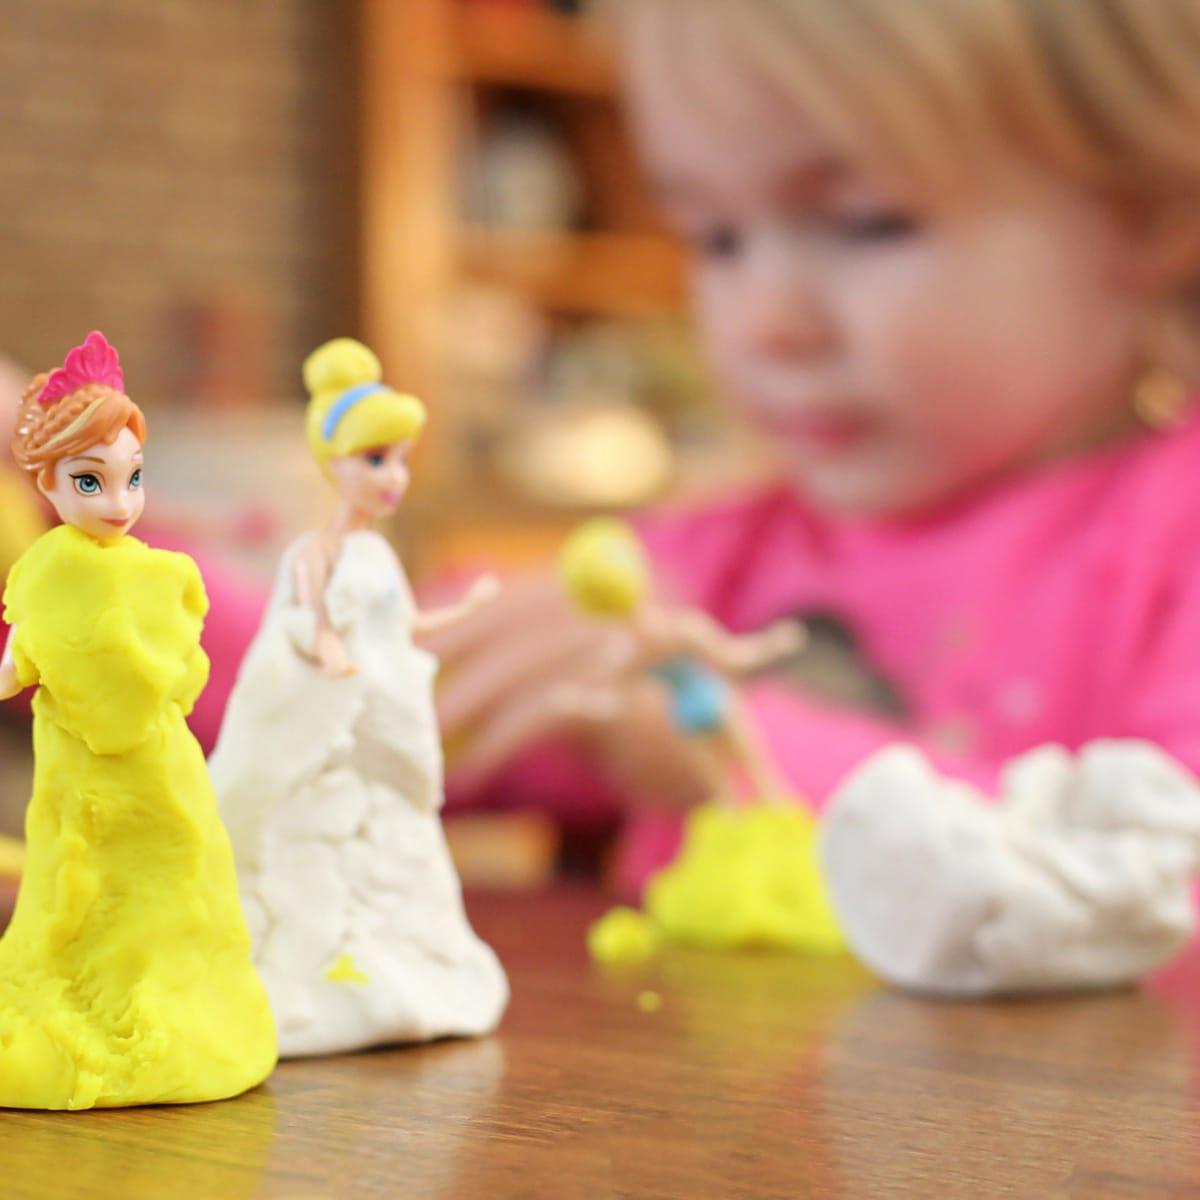 Çocuğunuz İçin Yaratıcı, Eğitici ve Eğlenceli 2-4 Yaş Oyunları